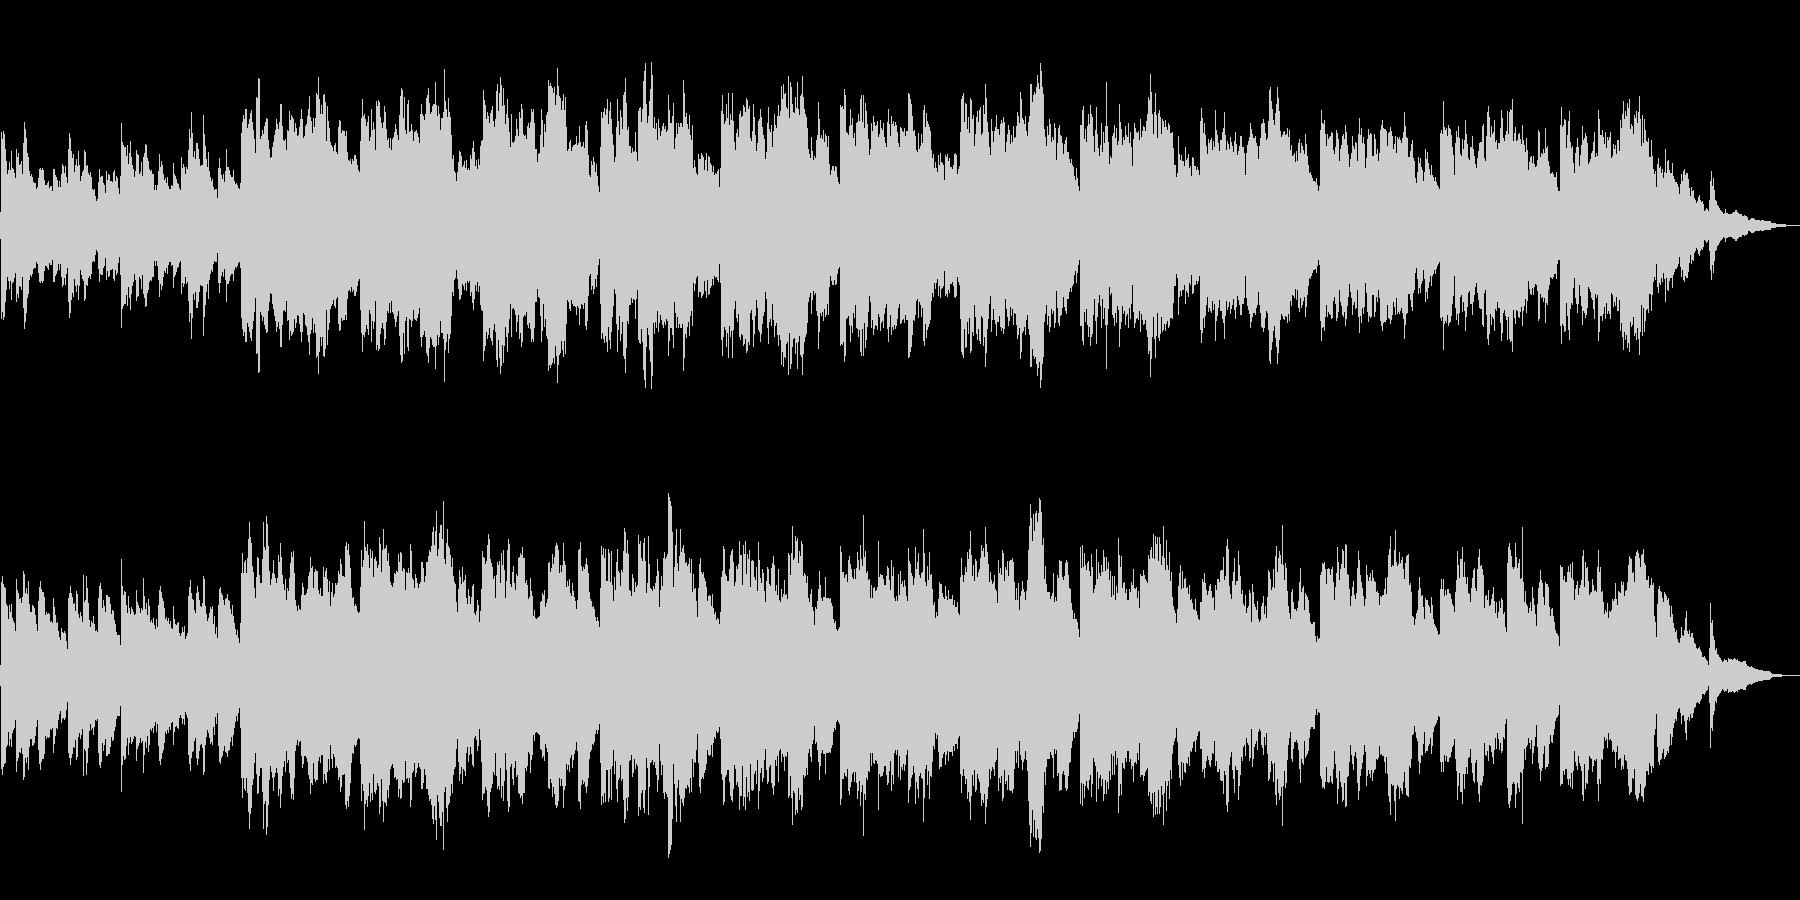 【60秒】朝焼けイメージのシンプルBGMの未再生の波形